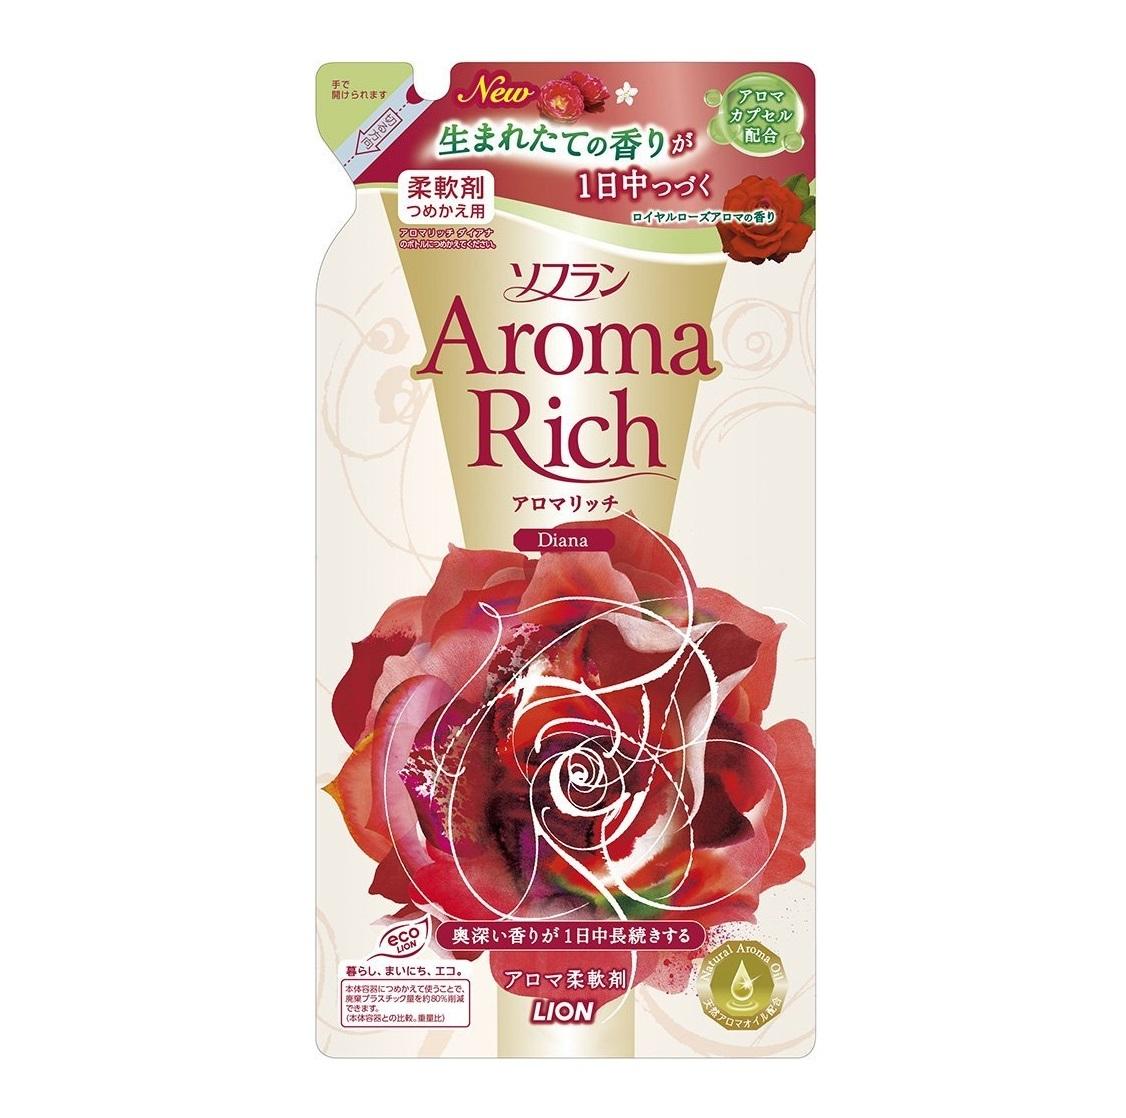 Ополаскиватель, Lion, Soflan Aroma Rich Diana, с натуральными ароматическими маслами, сменный блок, 450 мл